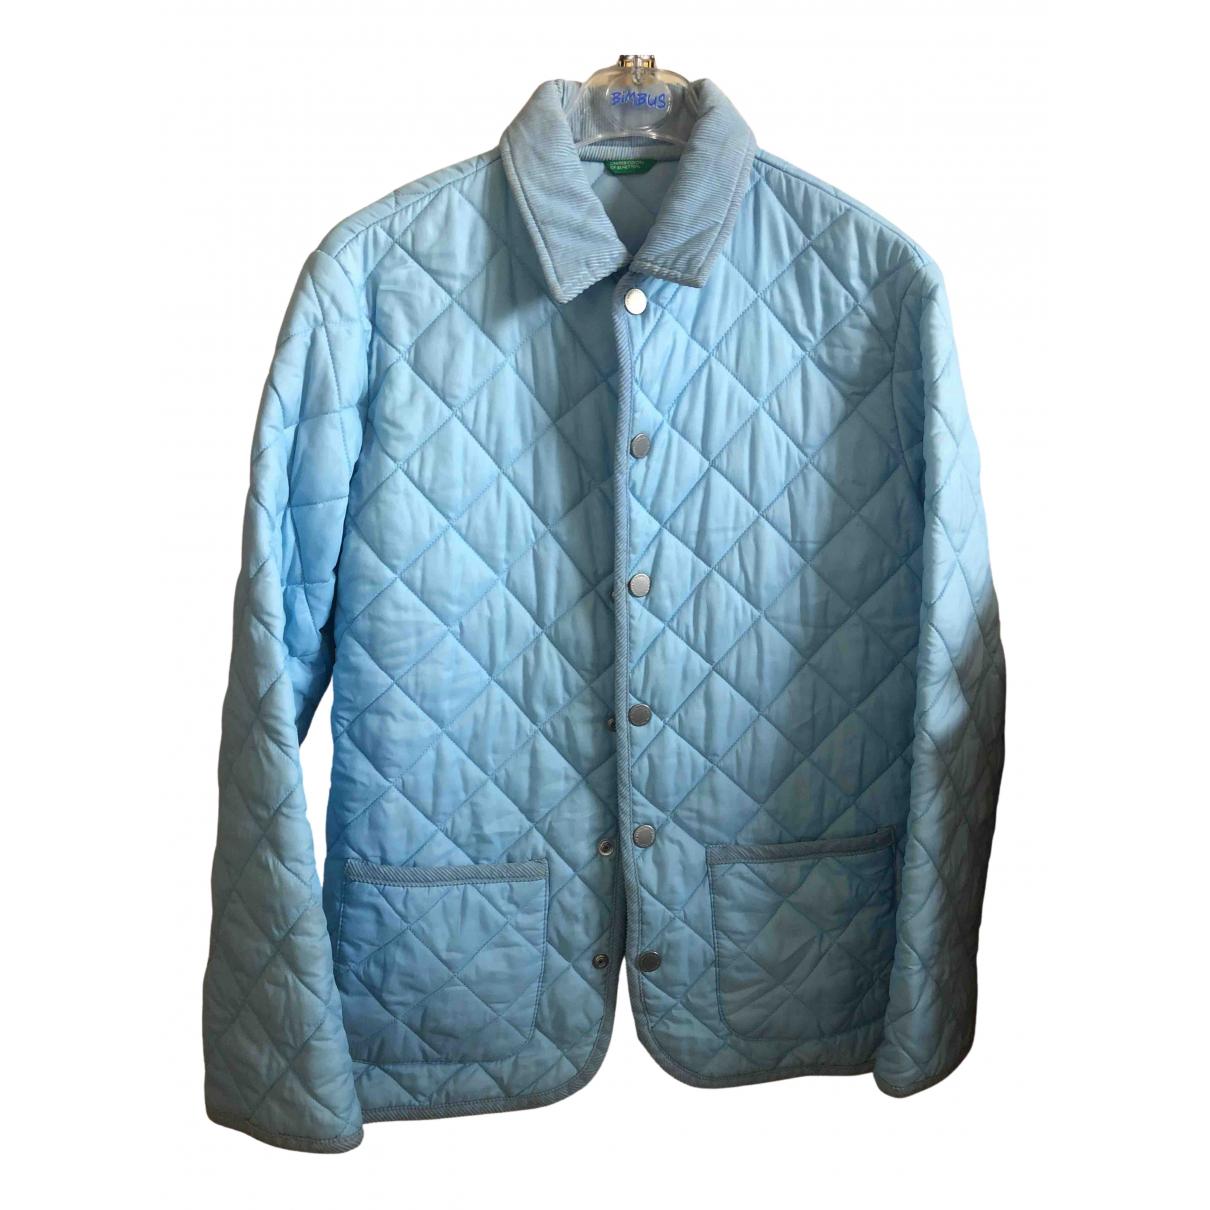 Benetton - Blousons.Manteaux   pour enfant - turquoise